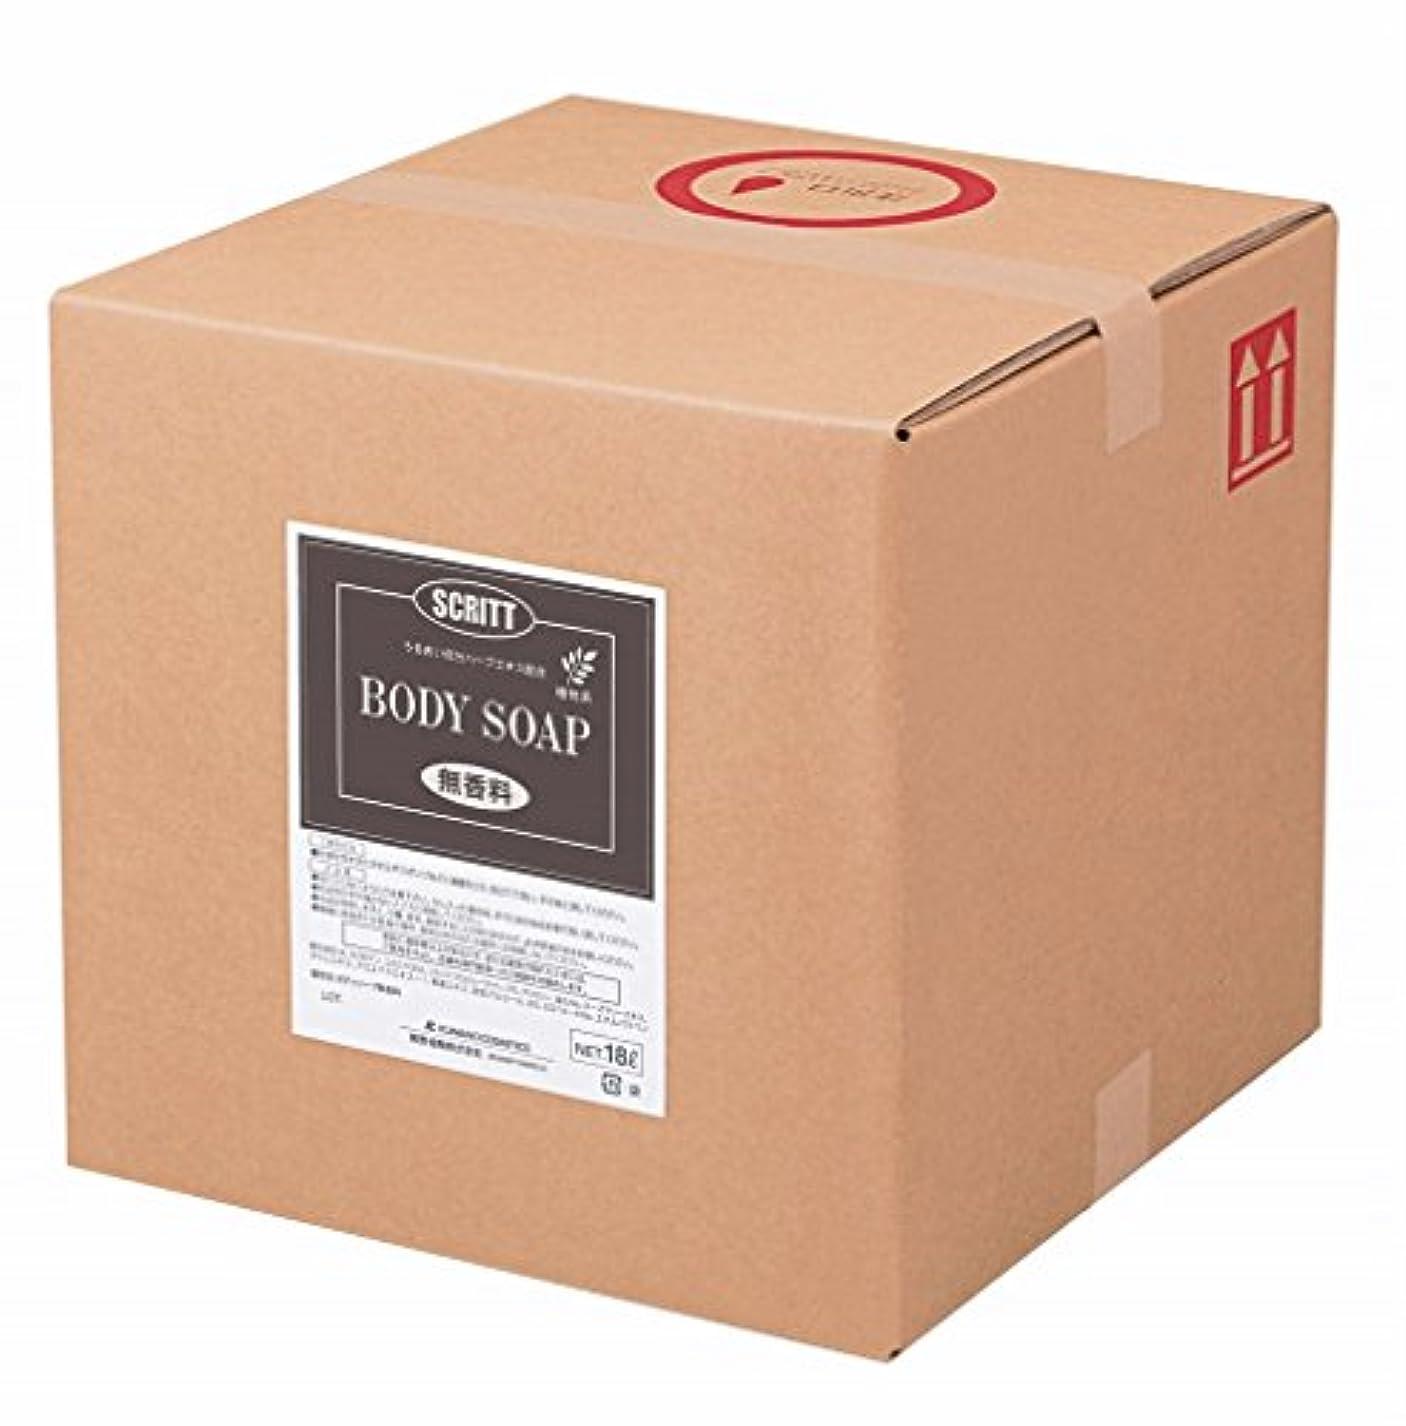 近代化ドット自動車熊野油脂 業務用 SCRITT(スクリット) 無香料ボディソープ 18L